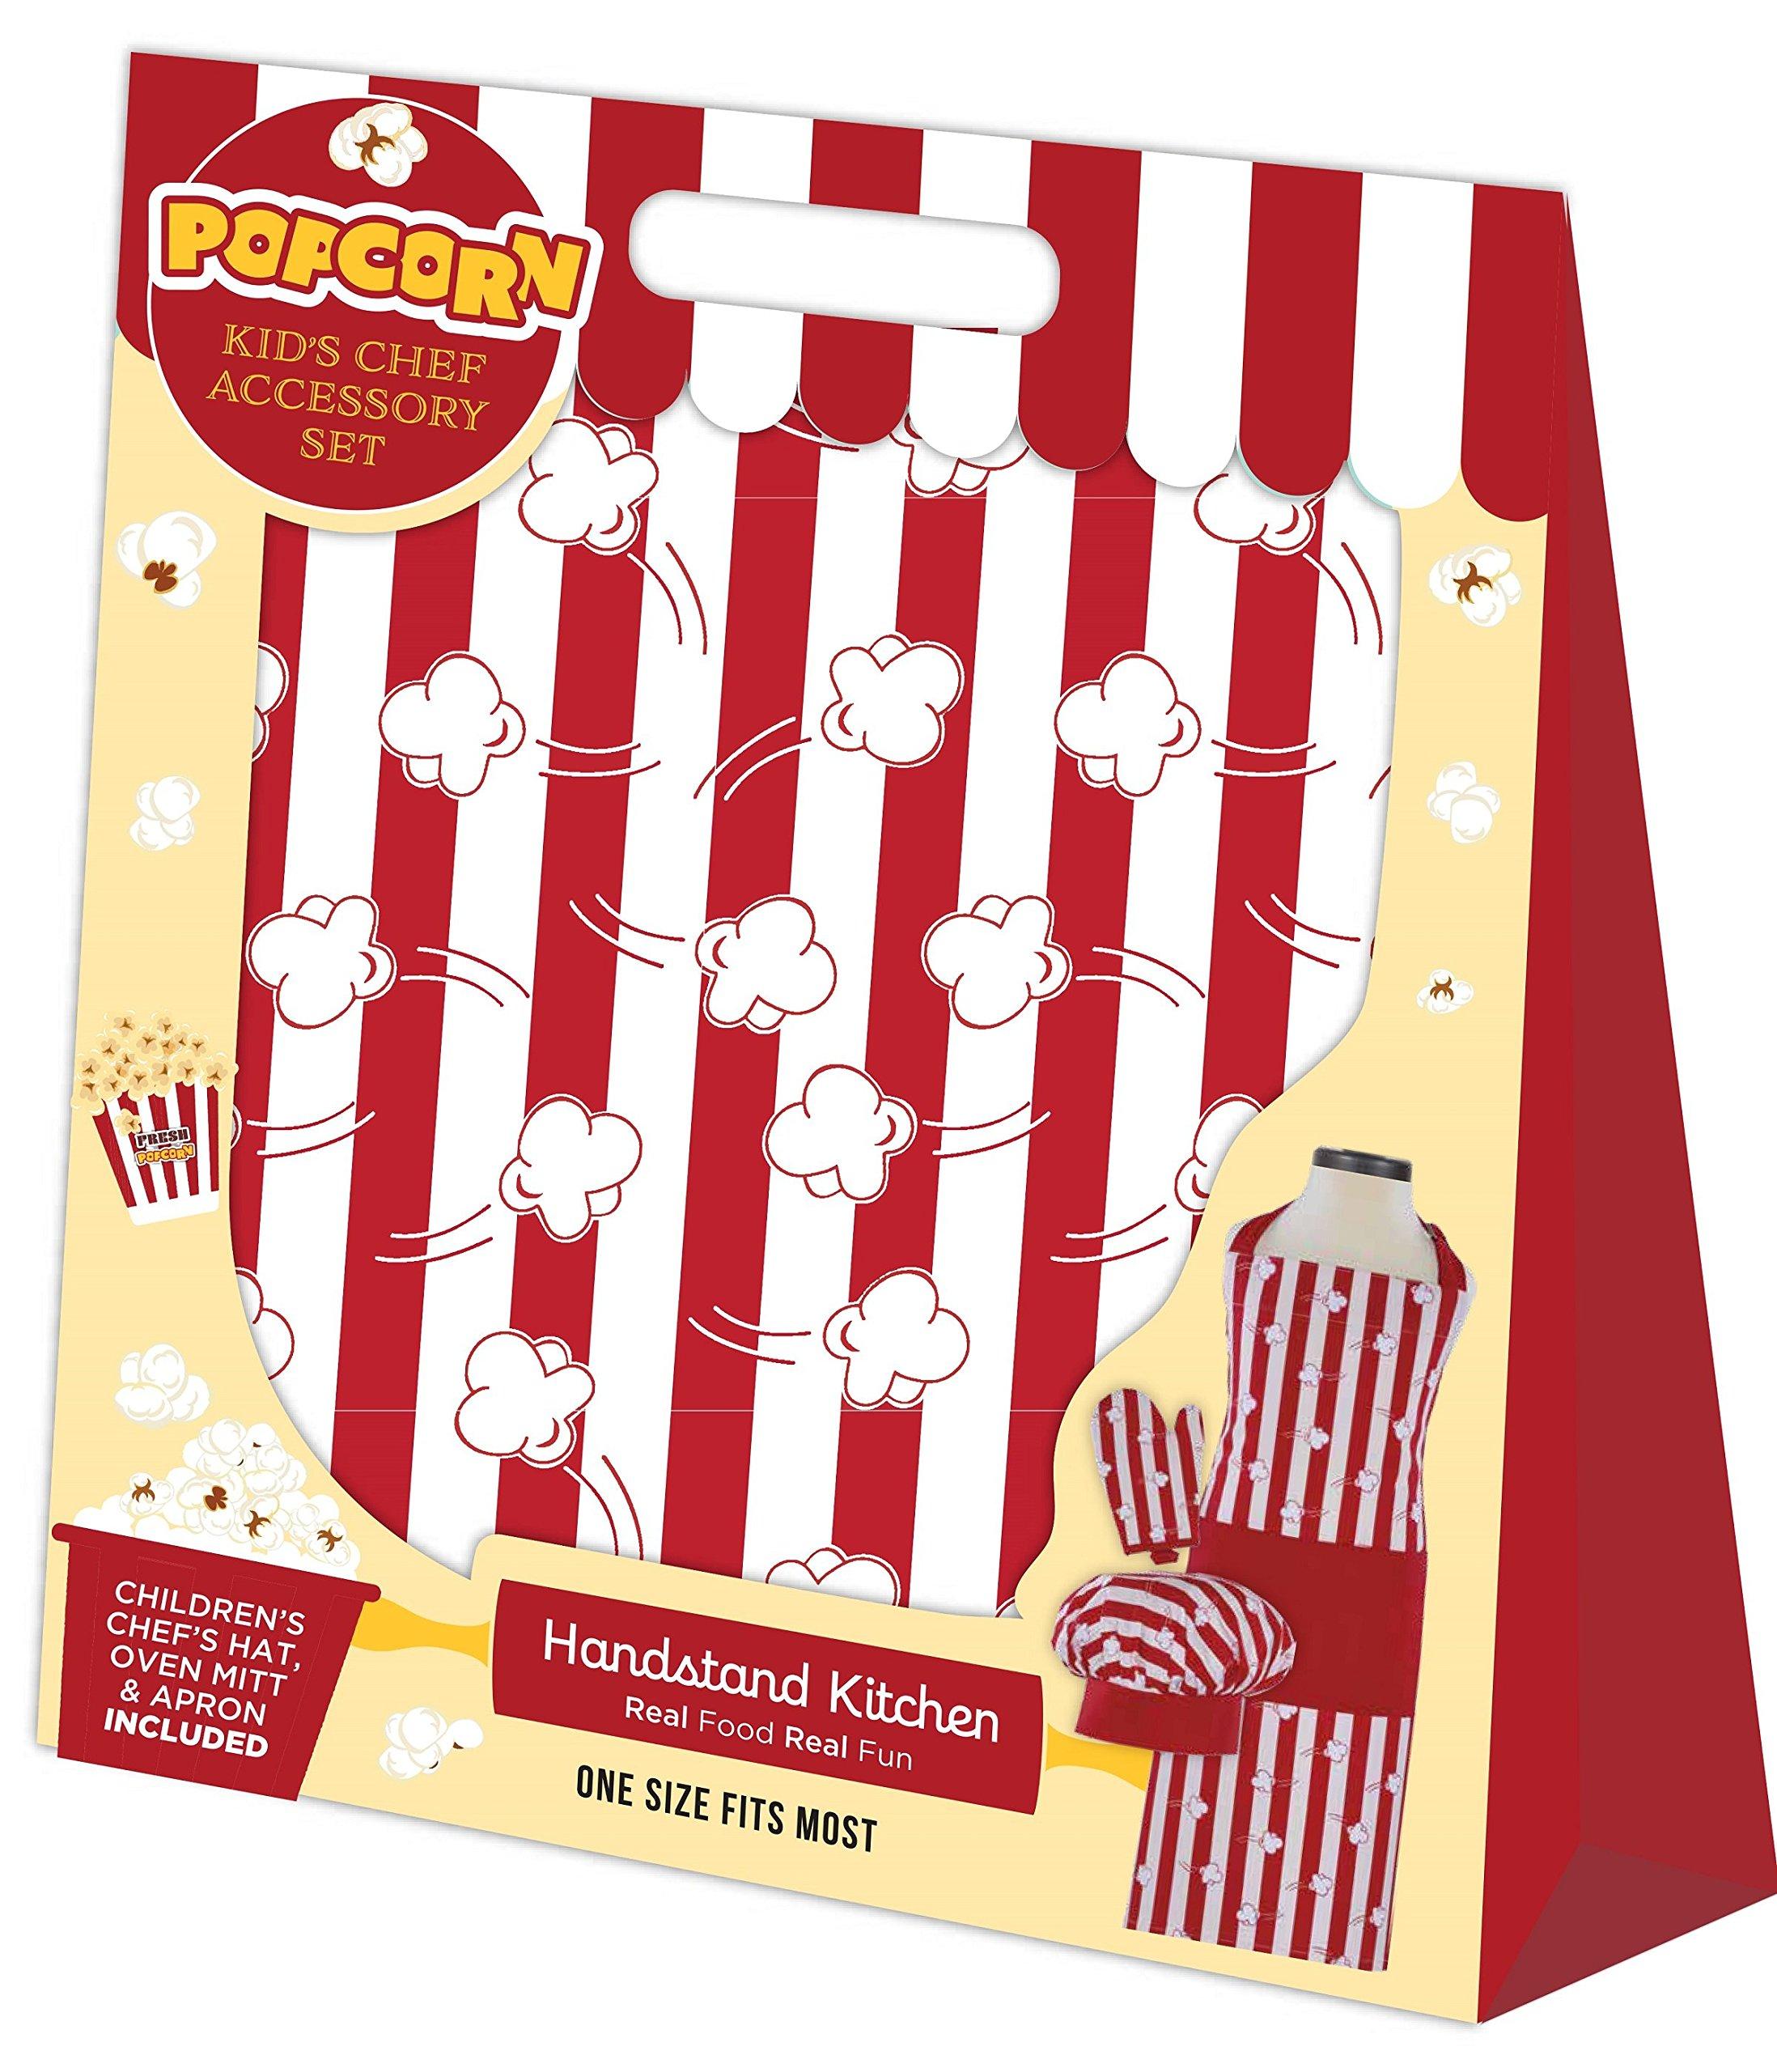 Handstand Kitchen Child's Popcorn Aplenty Print 100% Cotton Apron, Mitt and Chef's Hat Gift Set by Handstand Kitchen (Image #3)